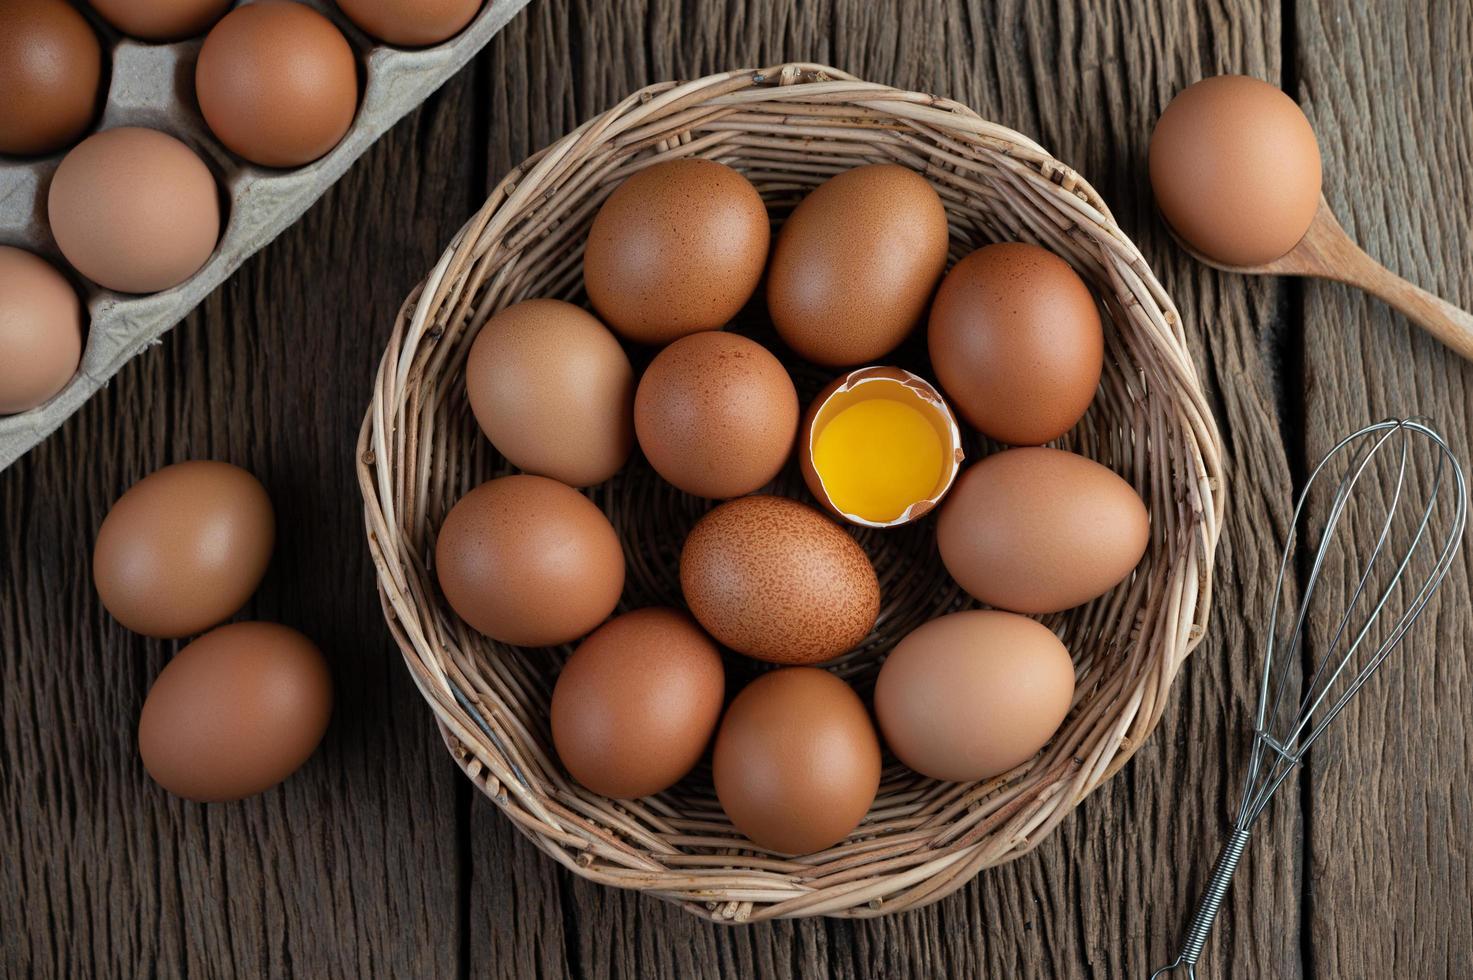 Eier in einen Holzkorb gelegt foto